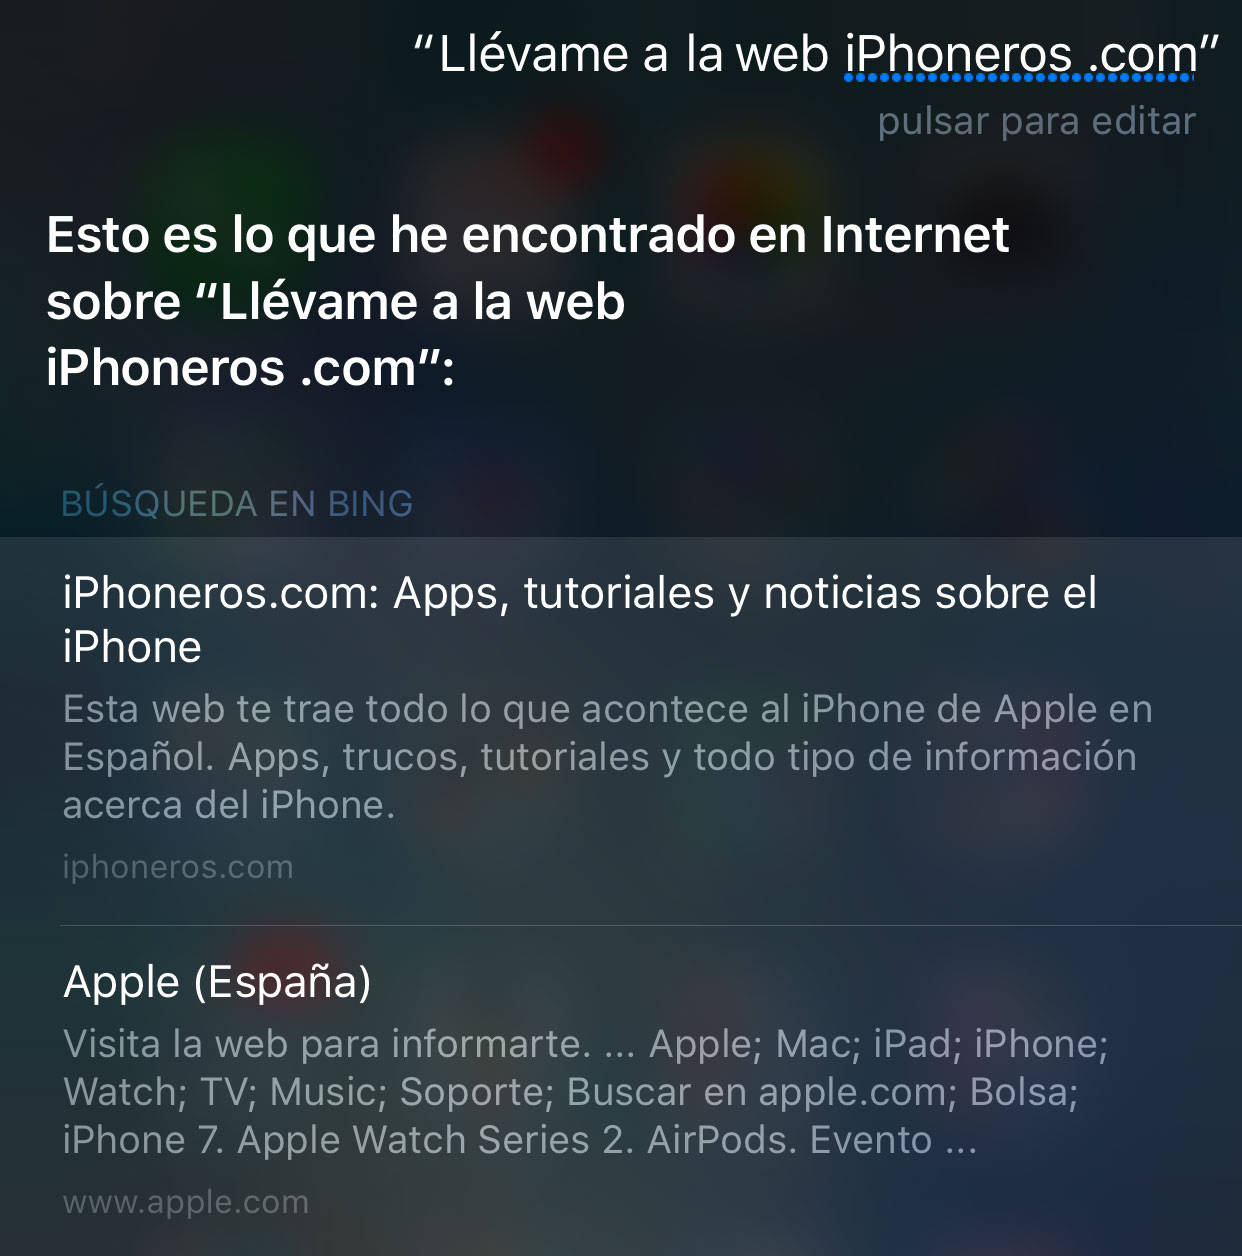 Siri no es apto de identificar webs